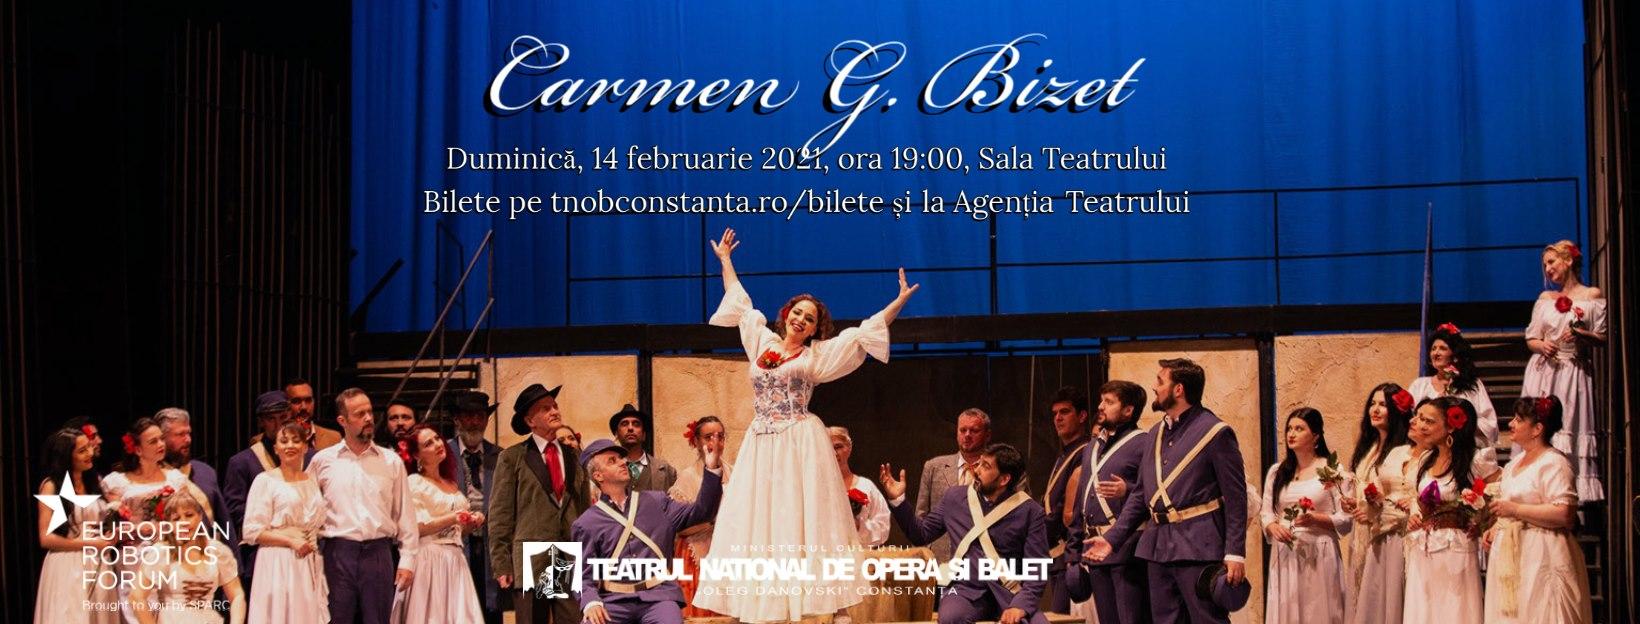 Carmen de G. Bizet la Teatrul Național de Operă și Balet Oleg Danovski